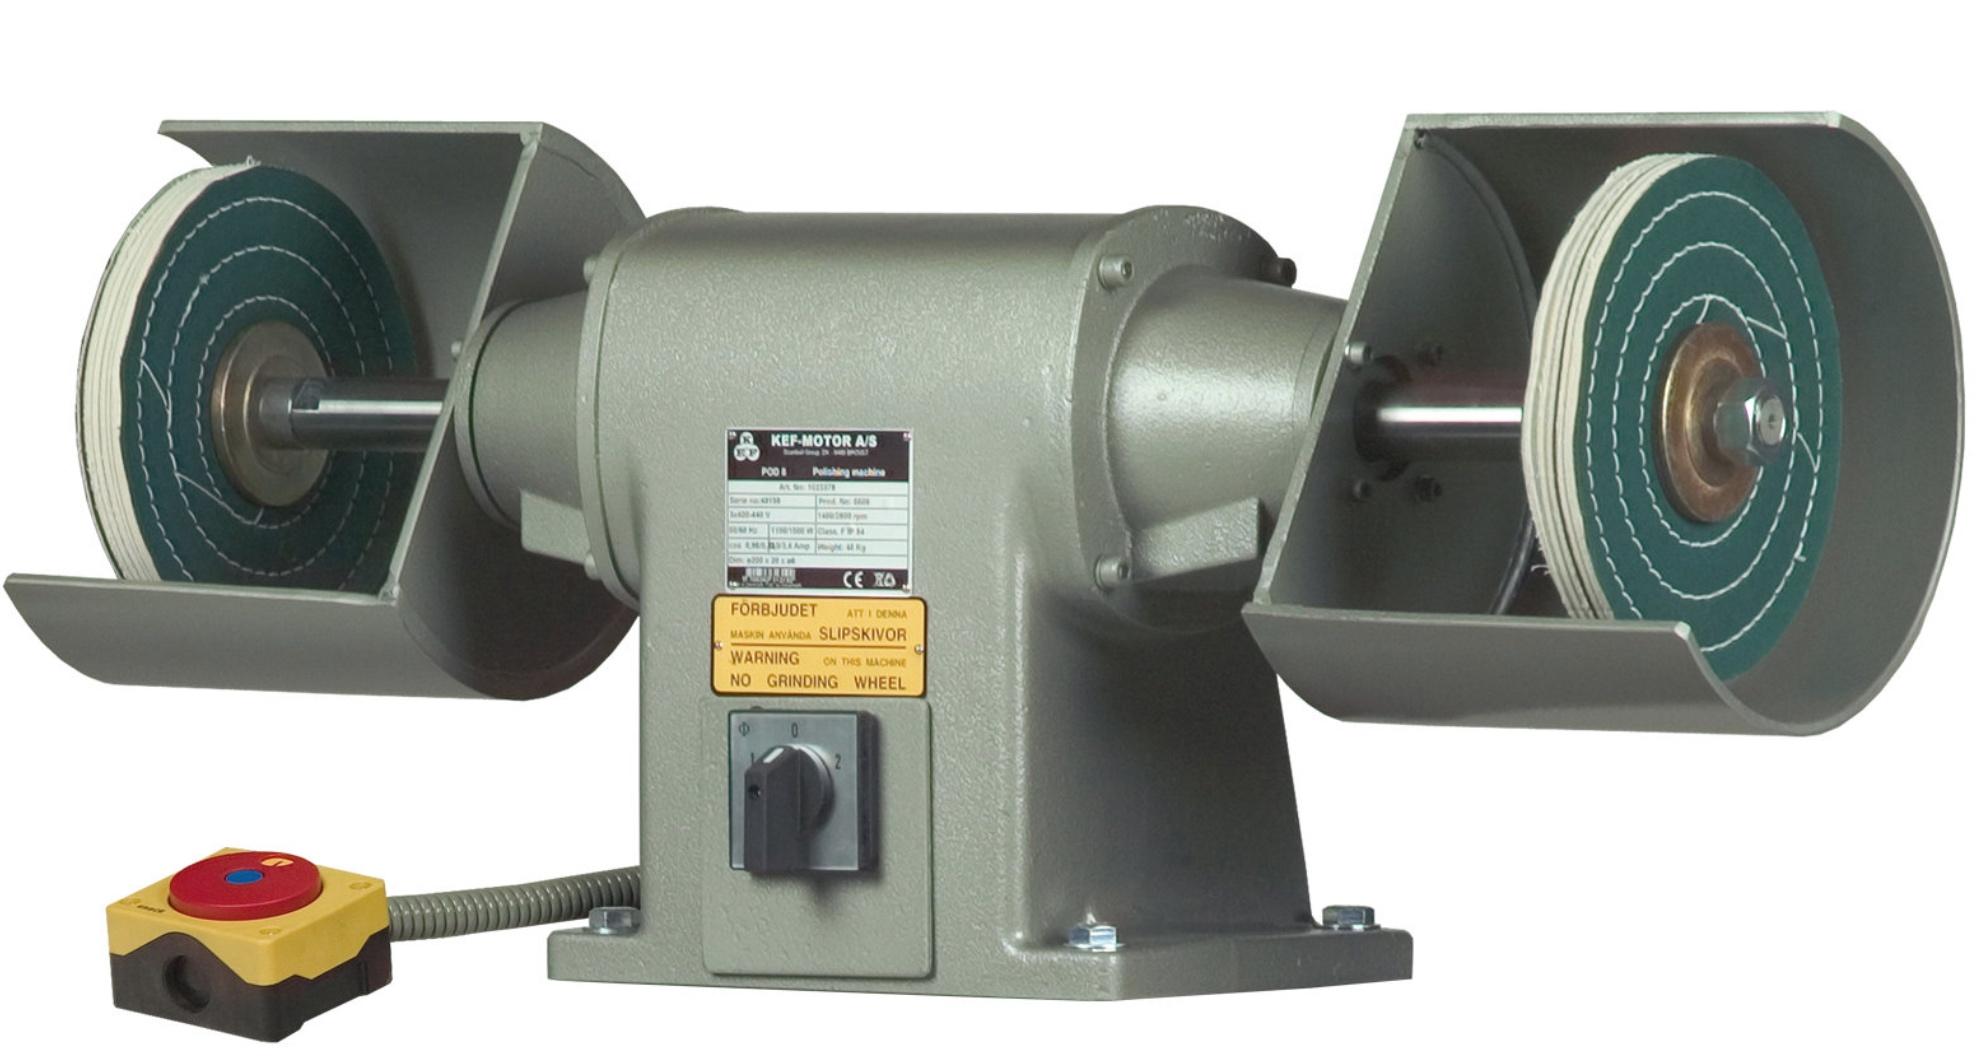 Polerka przemysłowa KEF Motor Model POD 8 - 2,0 kW